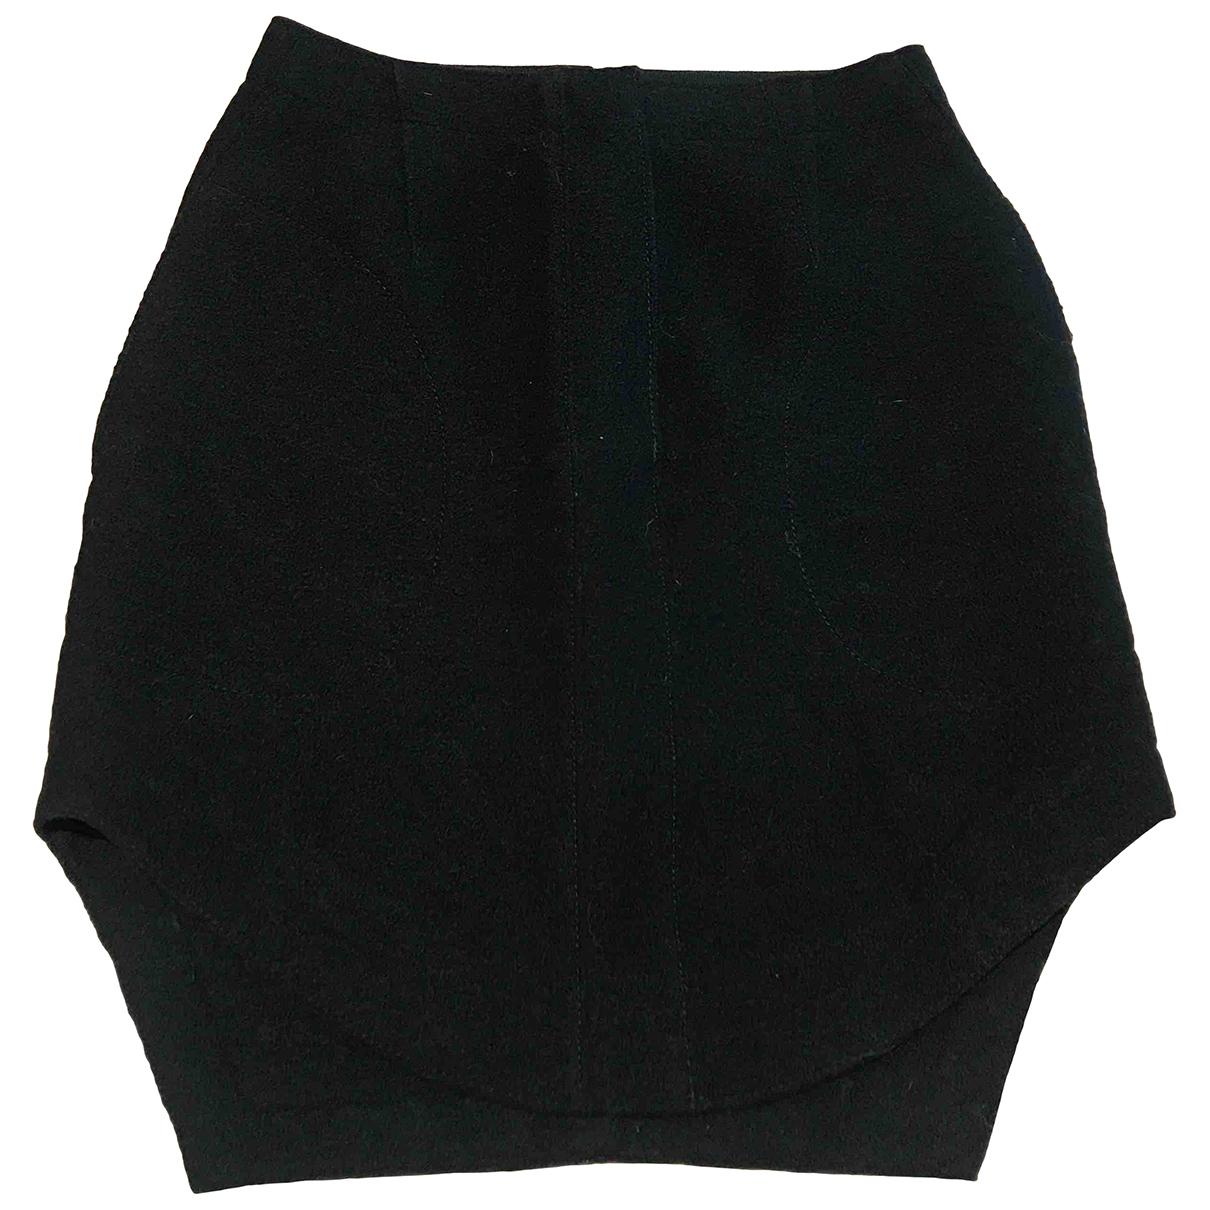 Carven \N Black Wool skirt for Women 36 FR